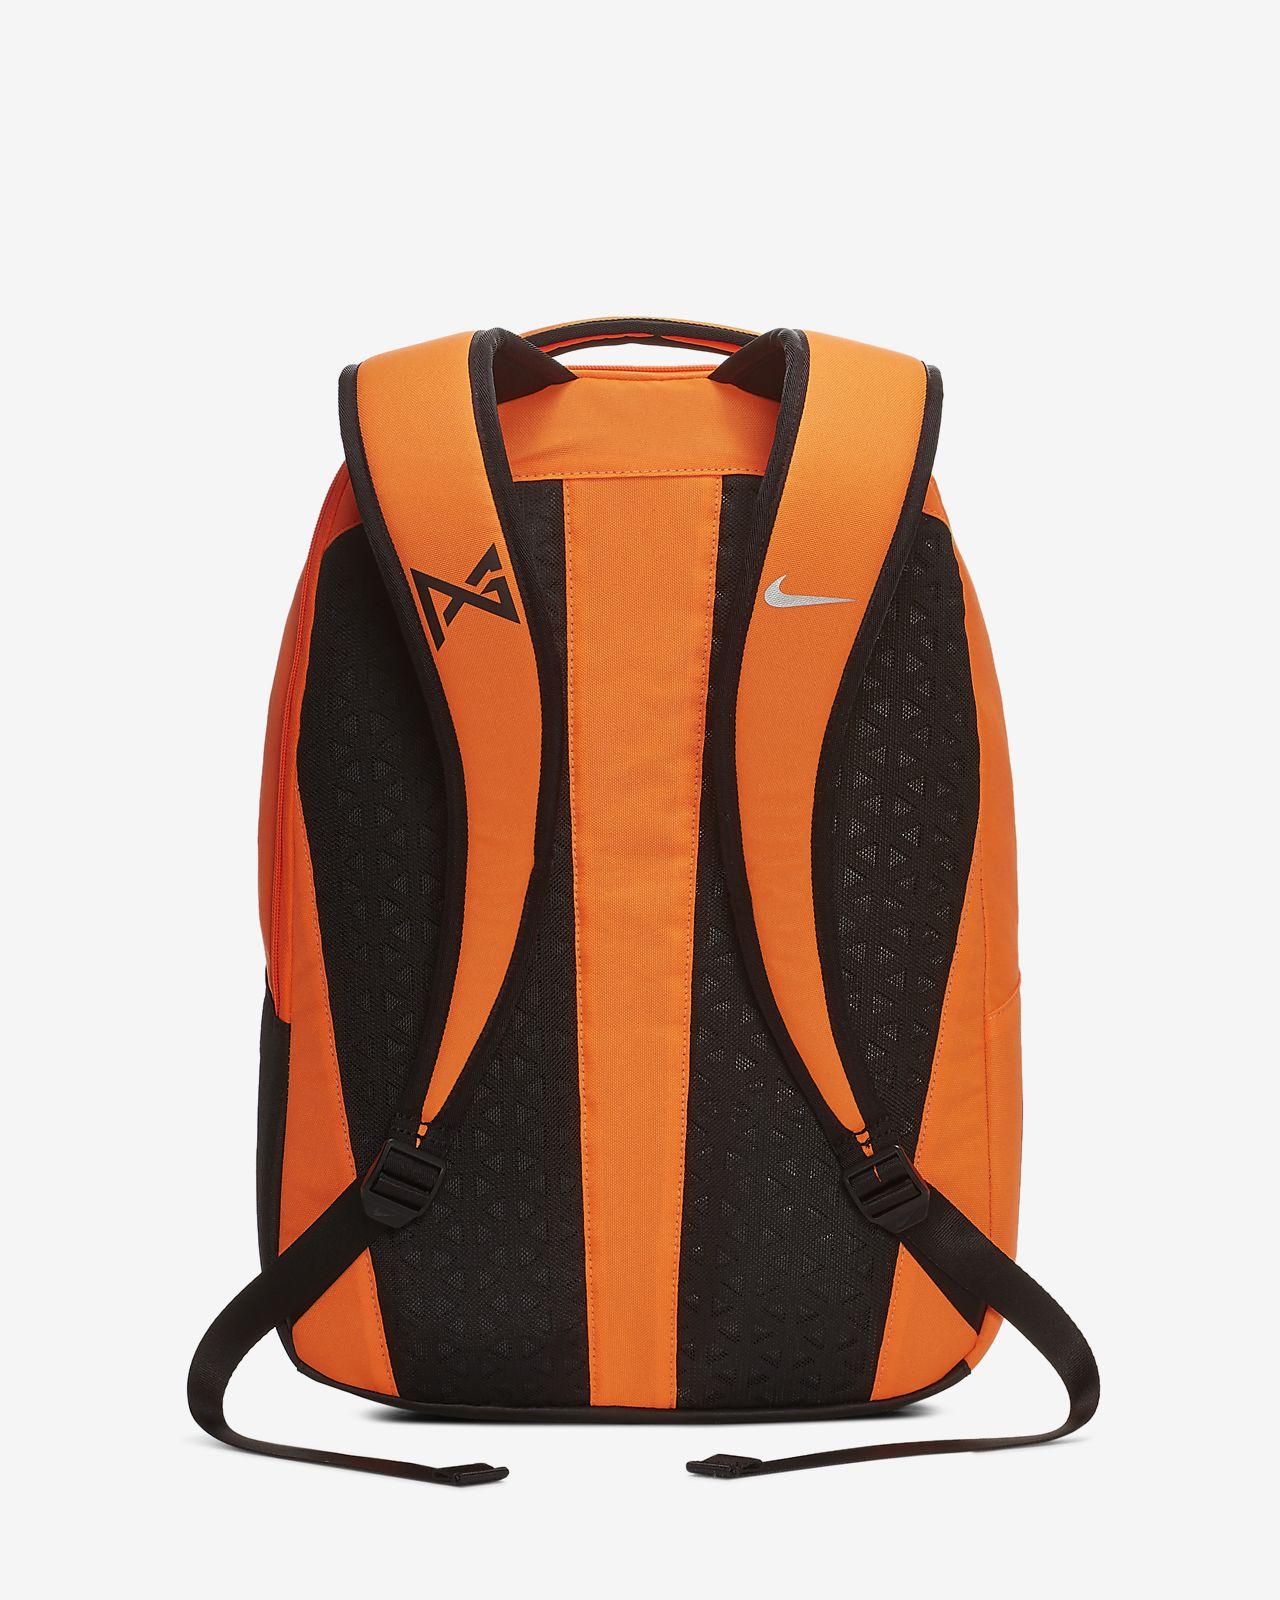 9fa76e11d01e Nike Departure PG NASA Basketball Backpack. Nike.com